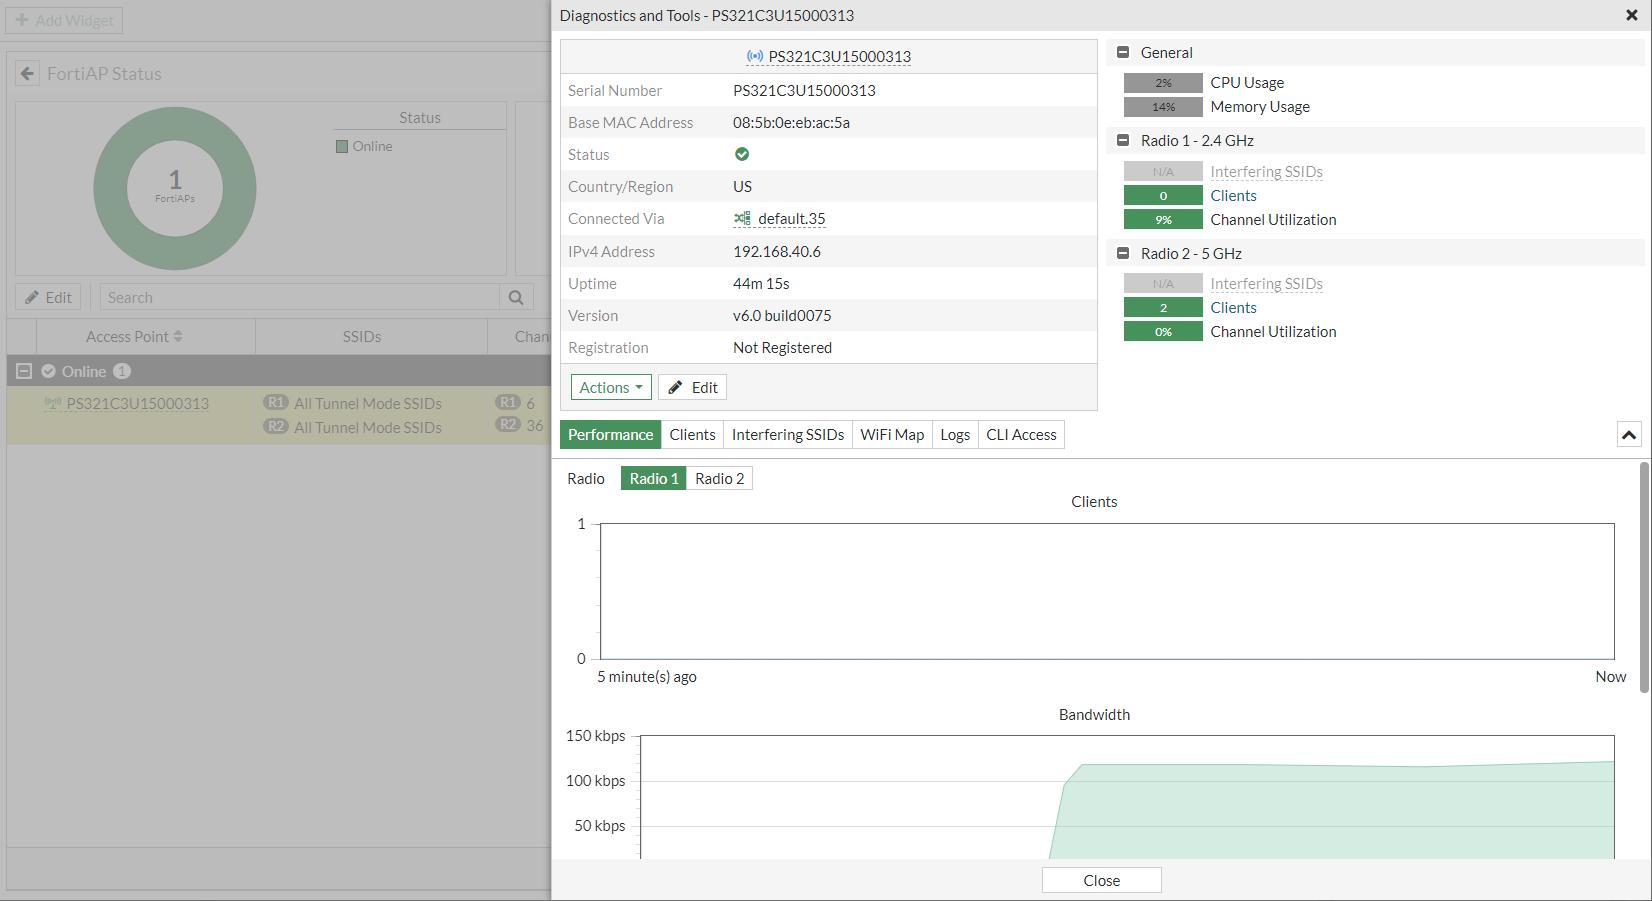 FortiAP Status monitor diagnostics and tools